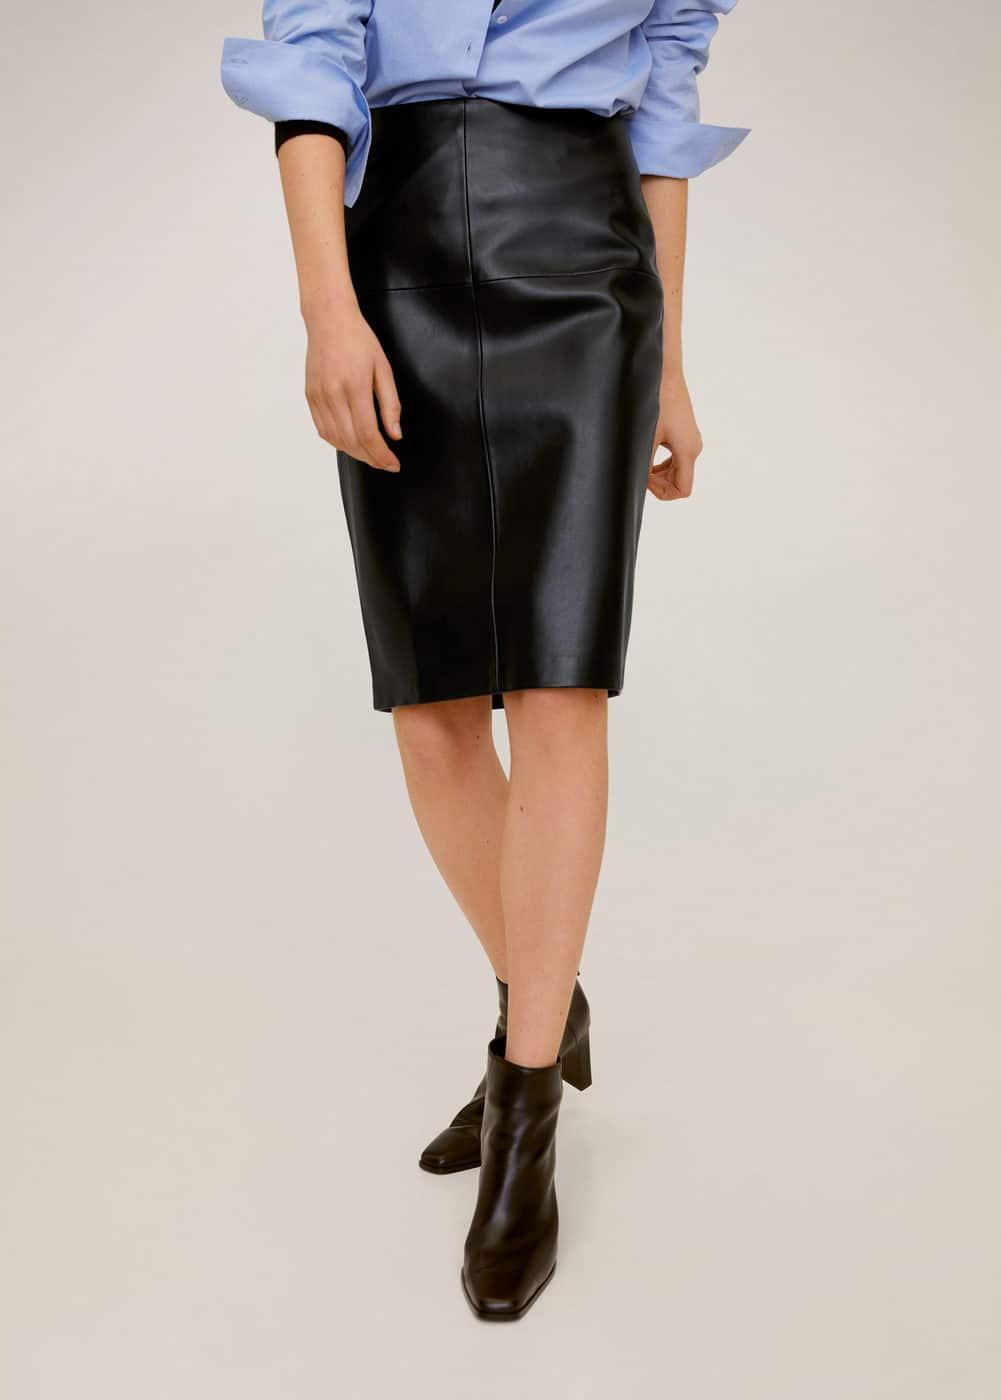 m-pencil:falda lapiz costuras